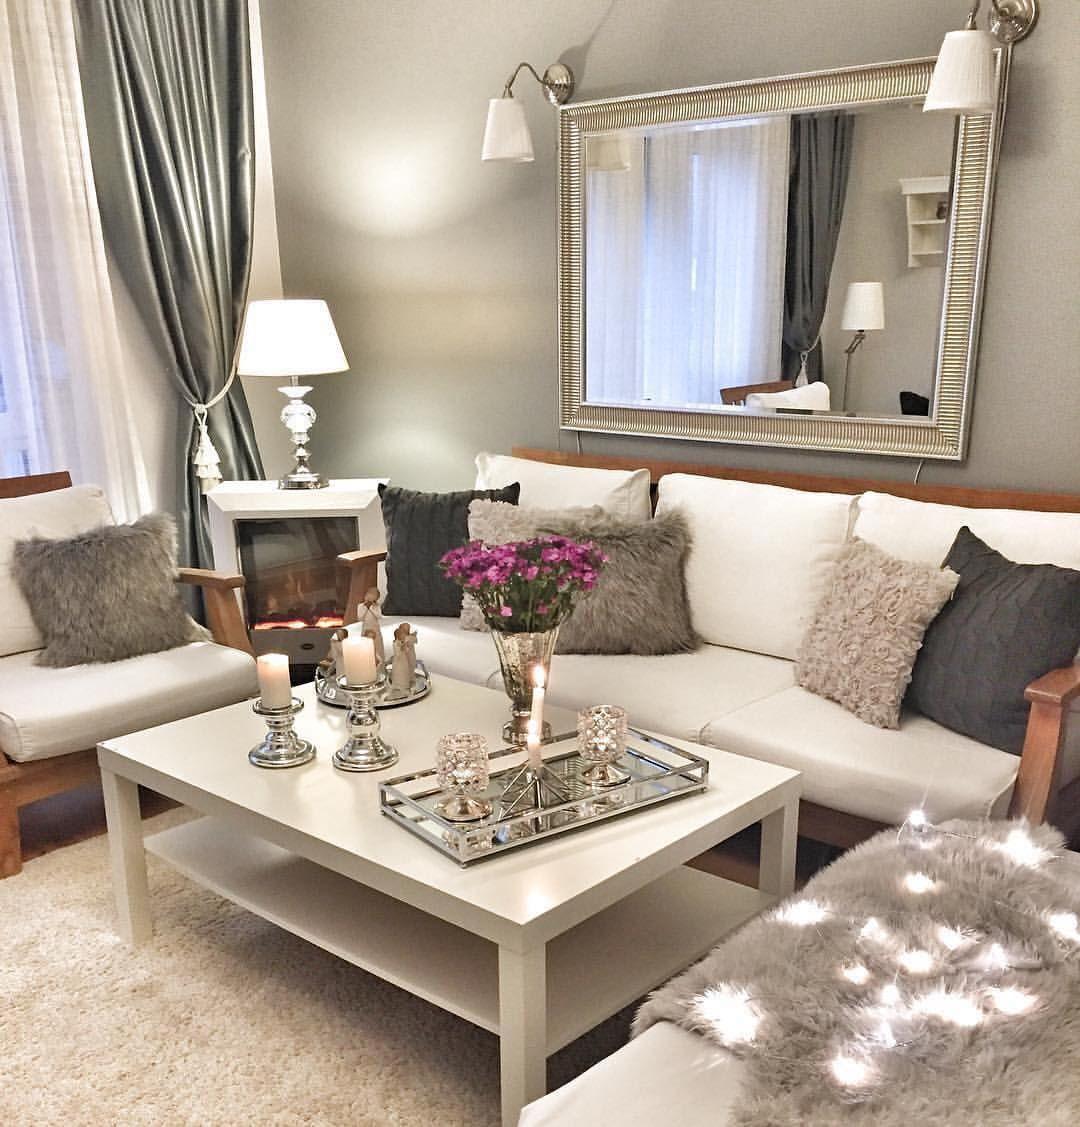 تنسيق مميز Ozlem Zumrut ديكور ديكورات مطبخ مطابخ مجلس صالون صاله صوره صورة فن اب Living Room Decor Modern Dressing Room Design Room Decor